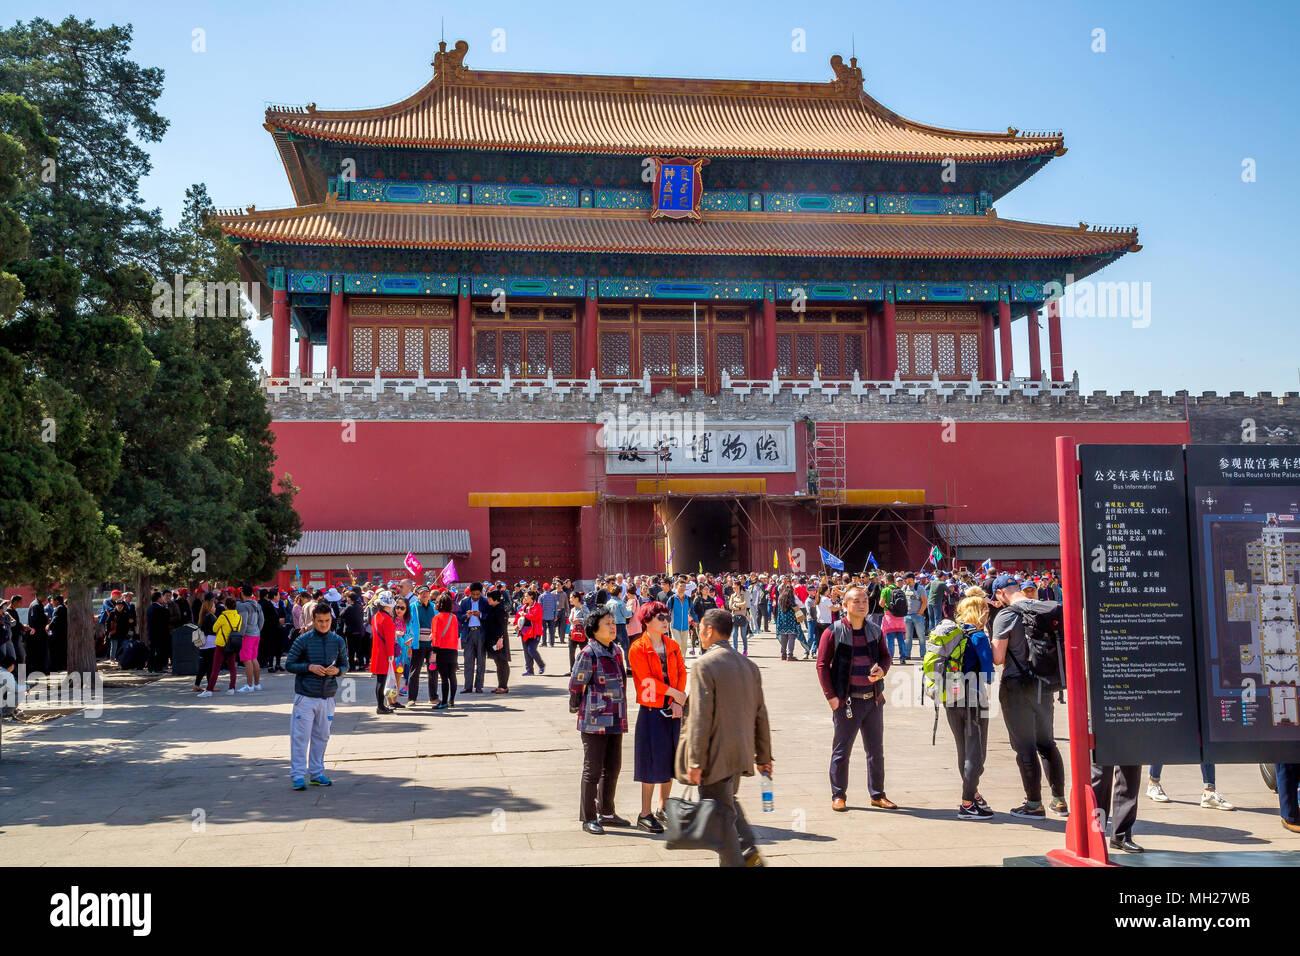 Palace Museum, Verbotene Stadt, Beijing, China - Massen von Touristen sammeln am Tor des Göttlichen. Handwerker sind Reparaturen vor der Ausfahrt. Stockfoto